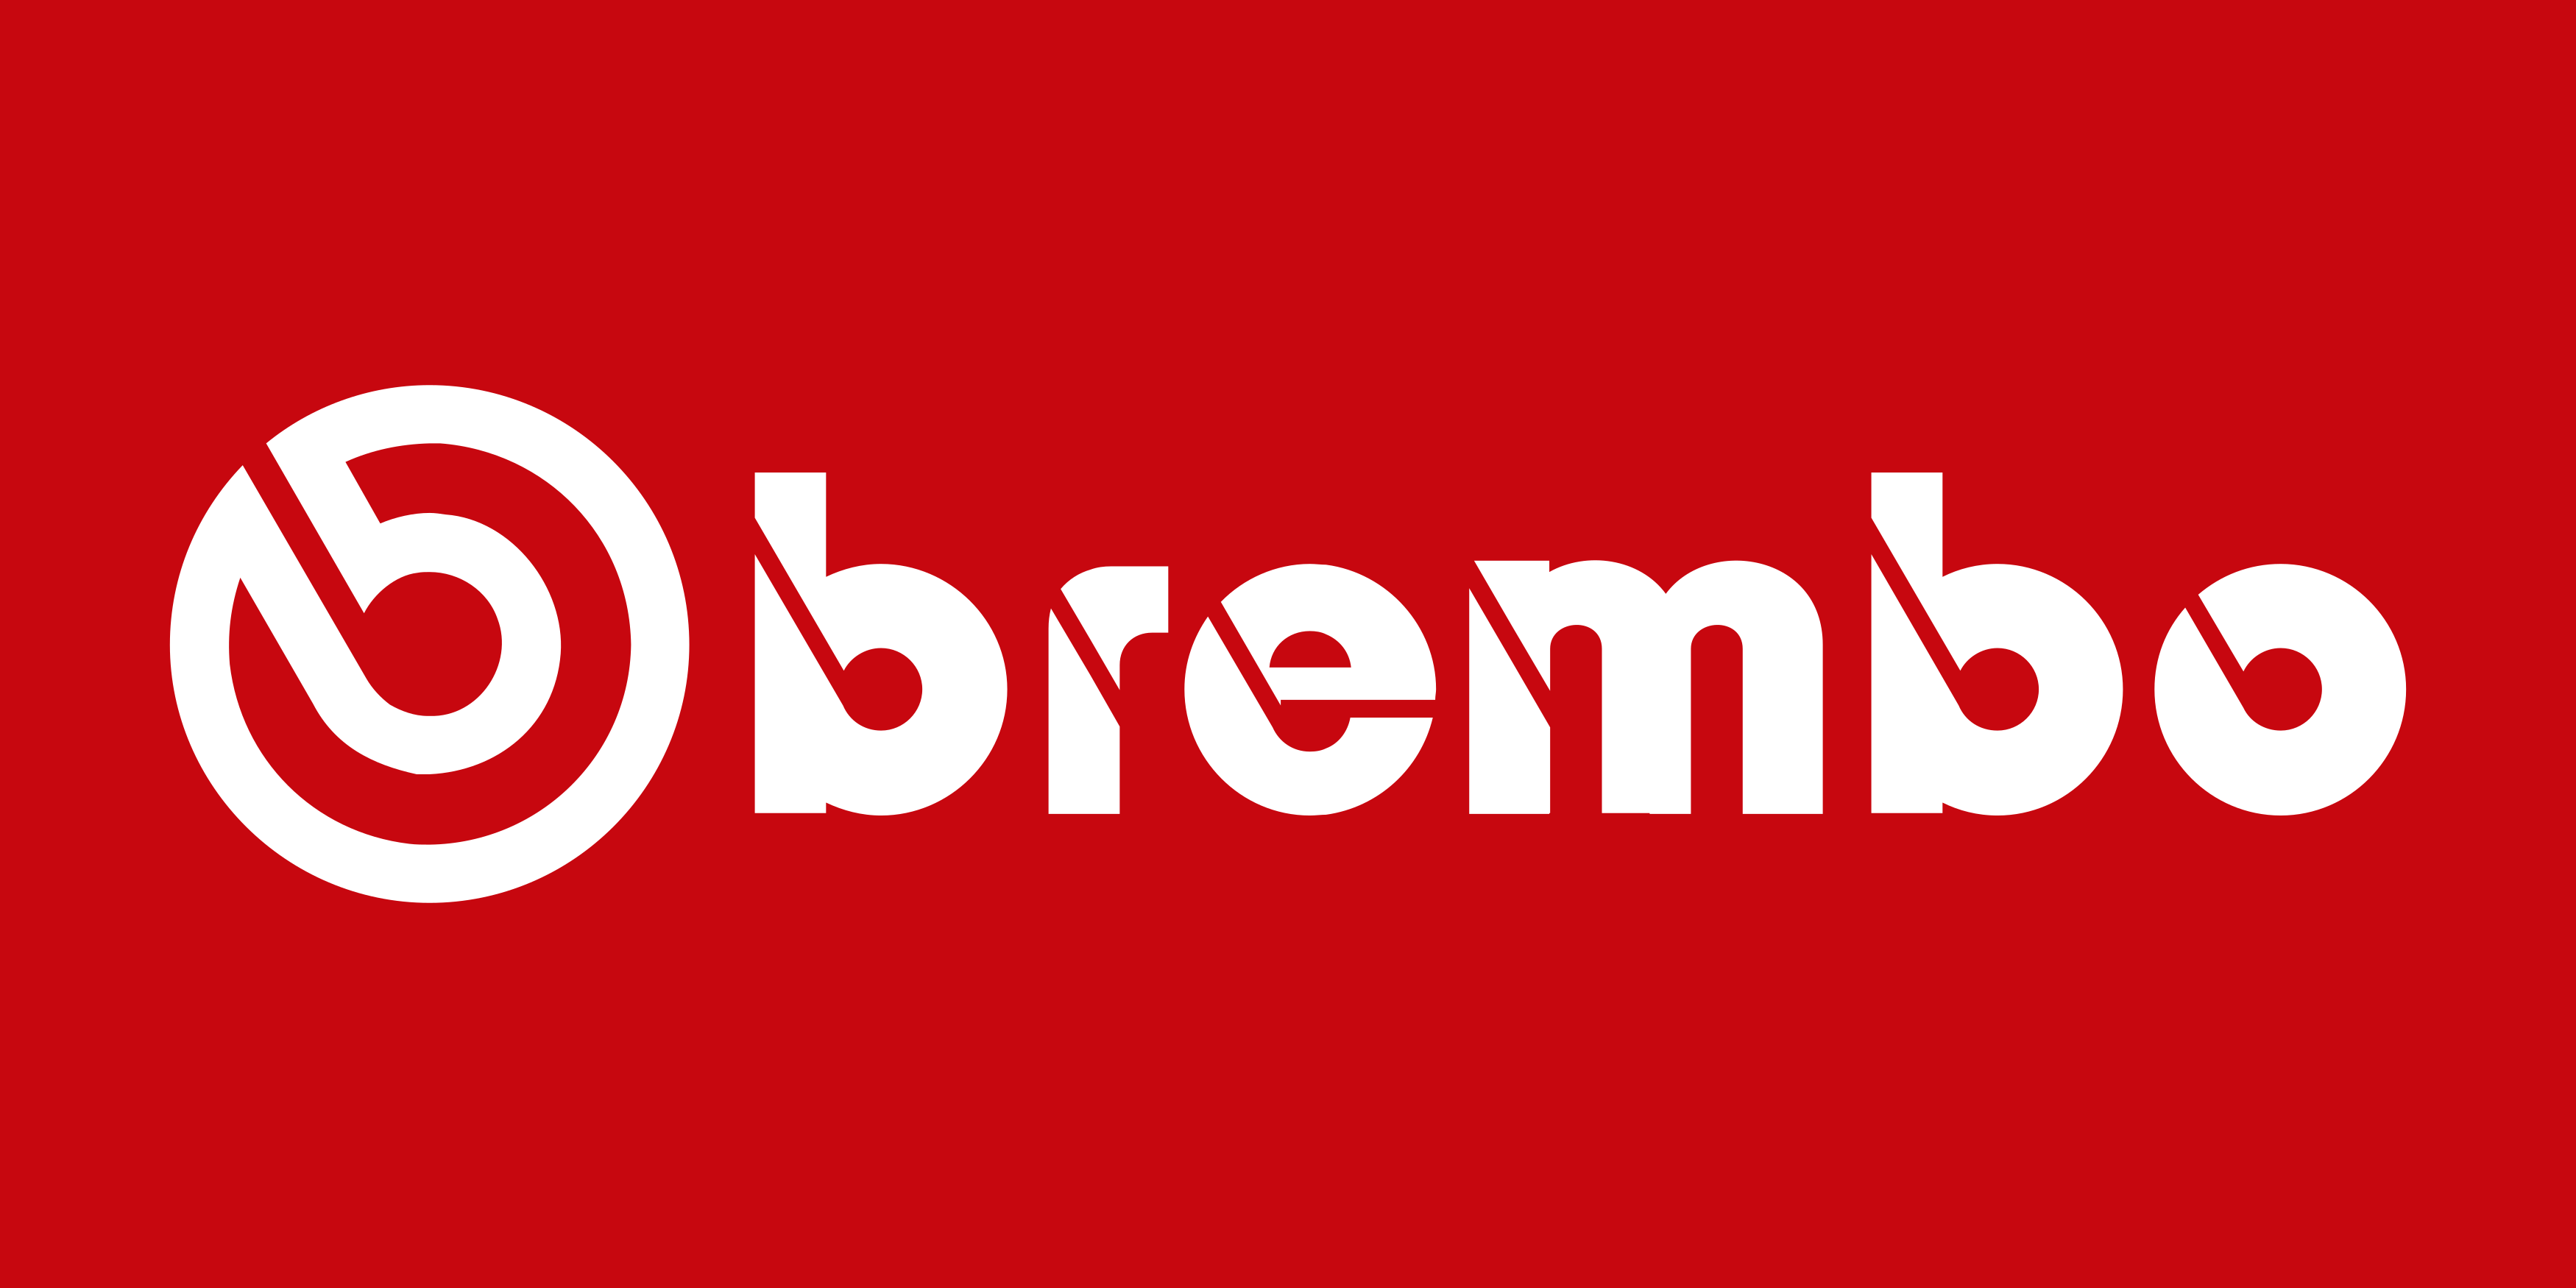 brembo logo 1 - Brembo Logo